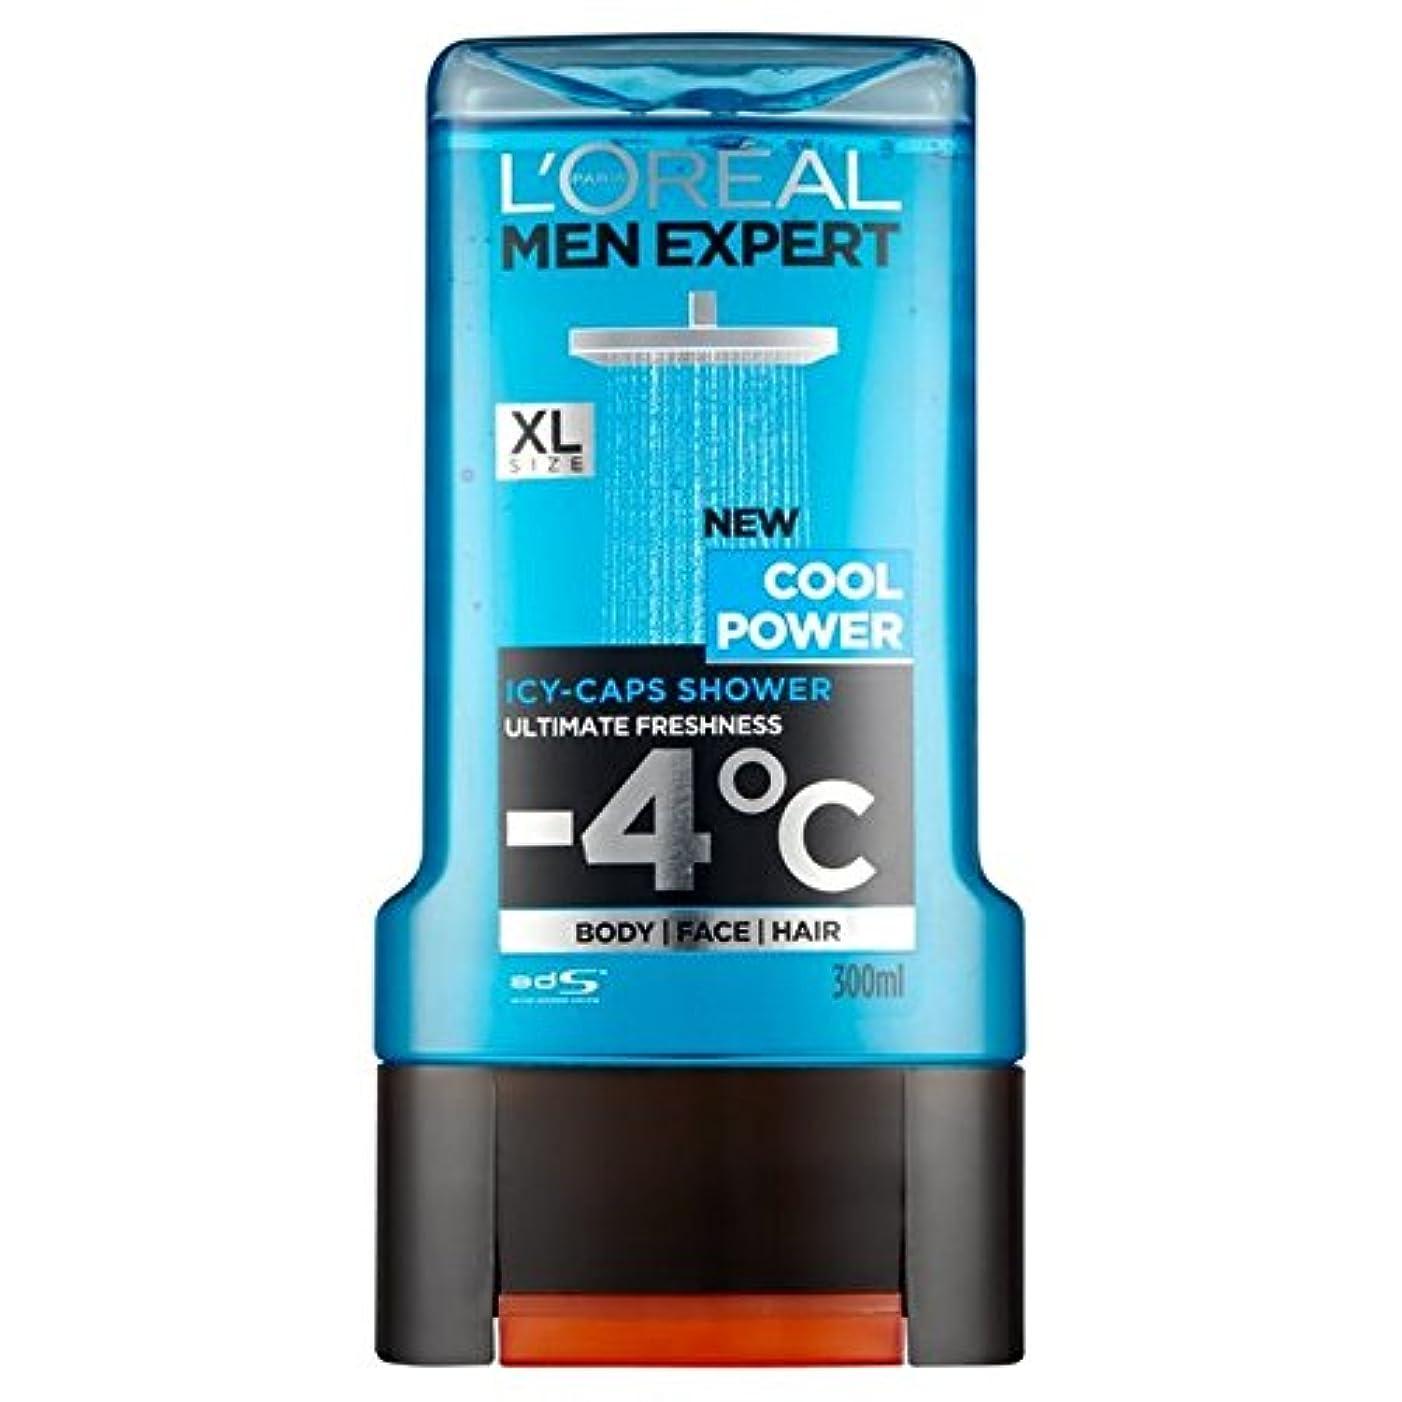 予算モンク司法L'Oreal Paris Men Expert Cool Power Shower Gel 300ml - ロレアルパリの男性の専門家のクールなパワーシャワージェル300ミリリットル [並行輸入品]